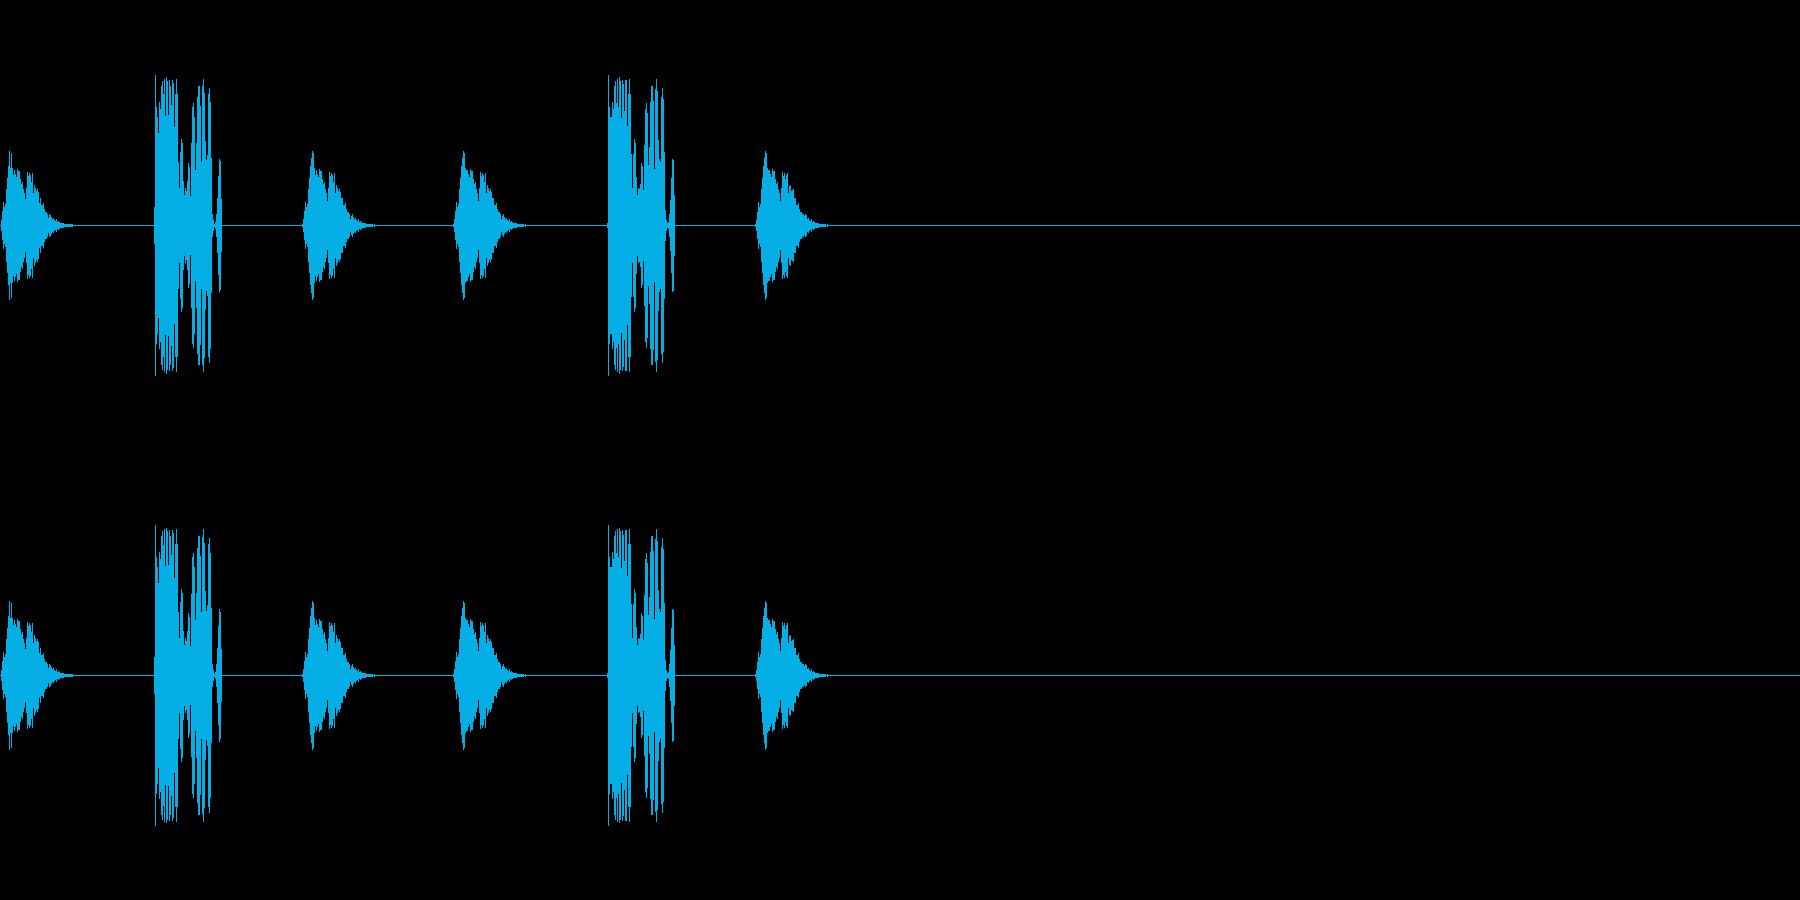 DJスクラッチ/ターンテーブル/E-15の再生済みの波形